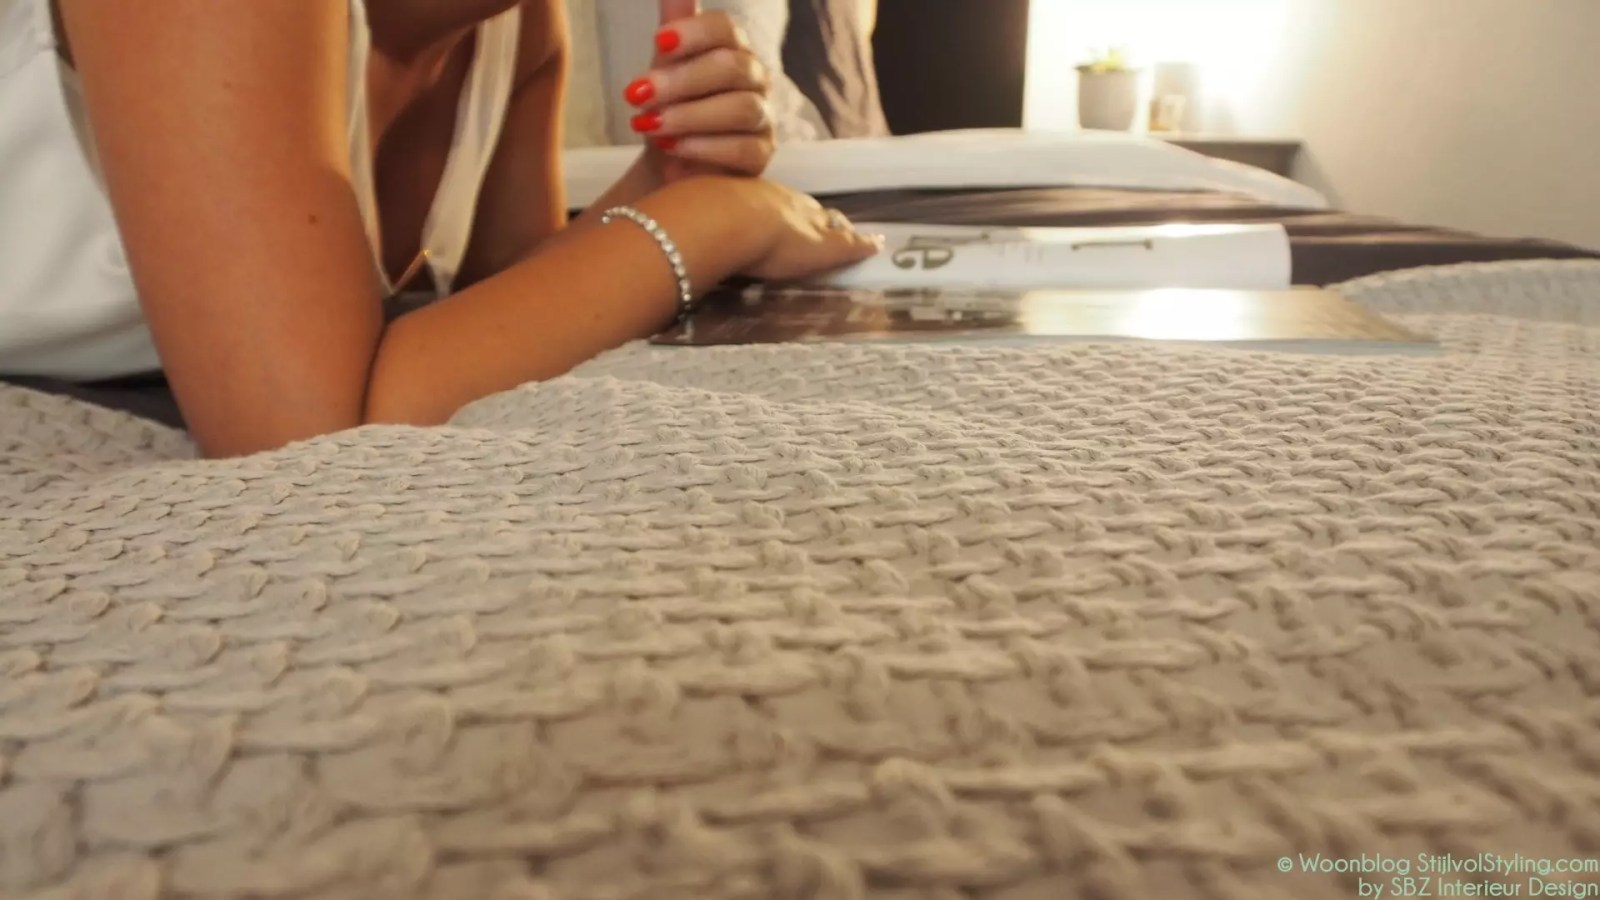 Interieur | Luxe hotel gevoel in eigen slaapkamer © Woonblog StijlvolStyling.com - Styling en beelden: Susanne - SBZ Interieur Design